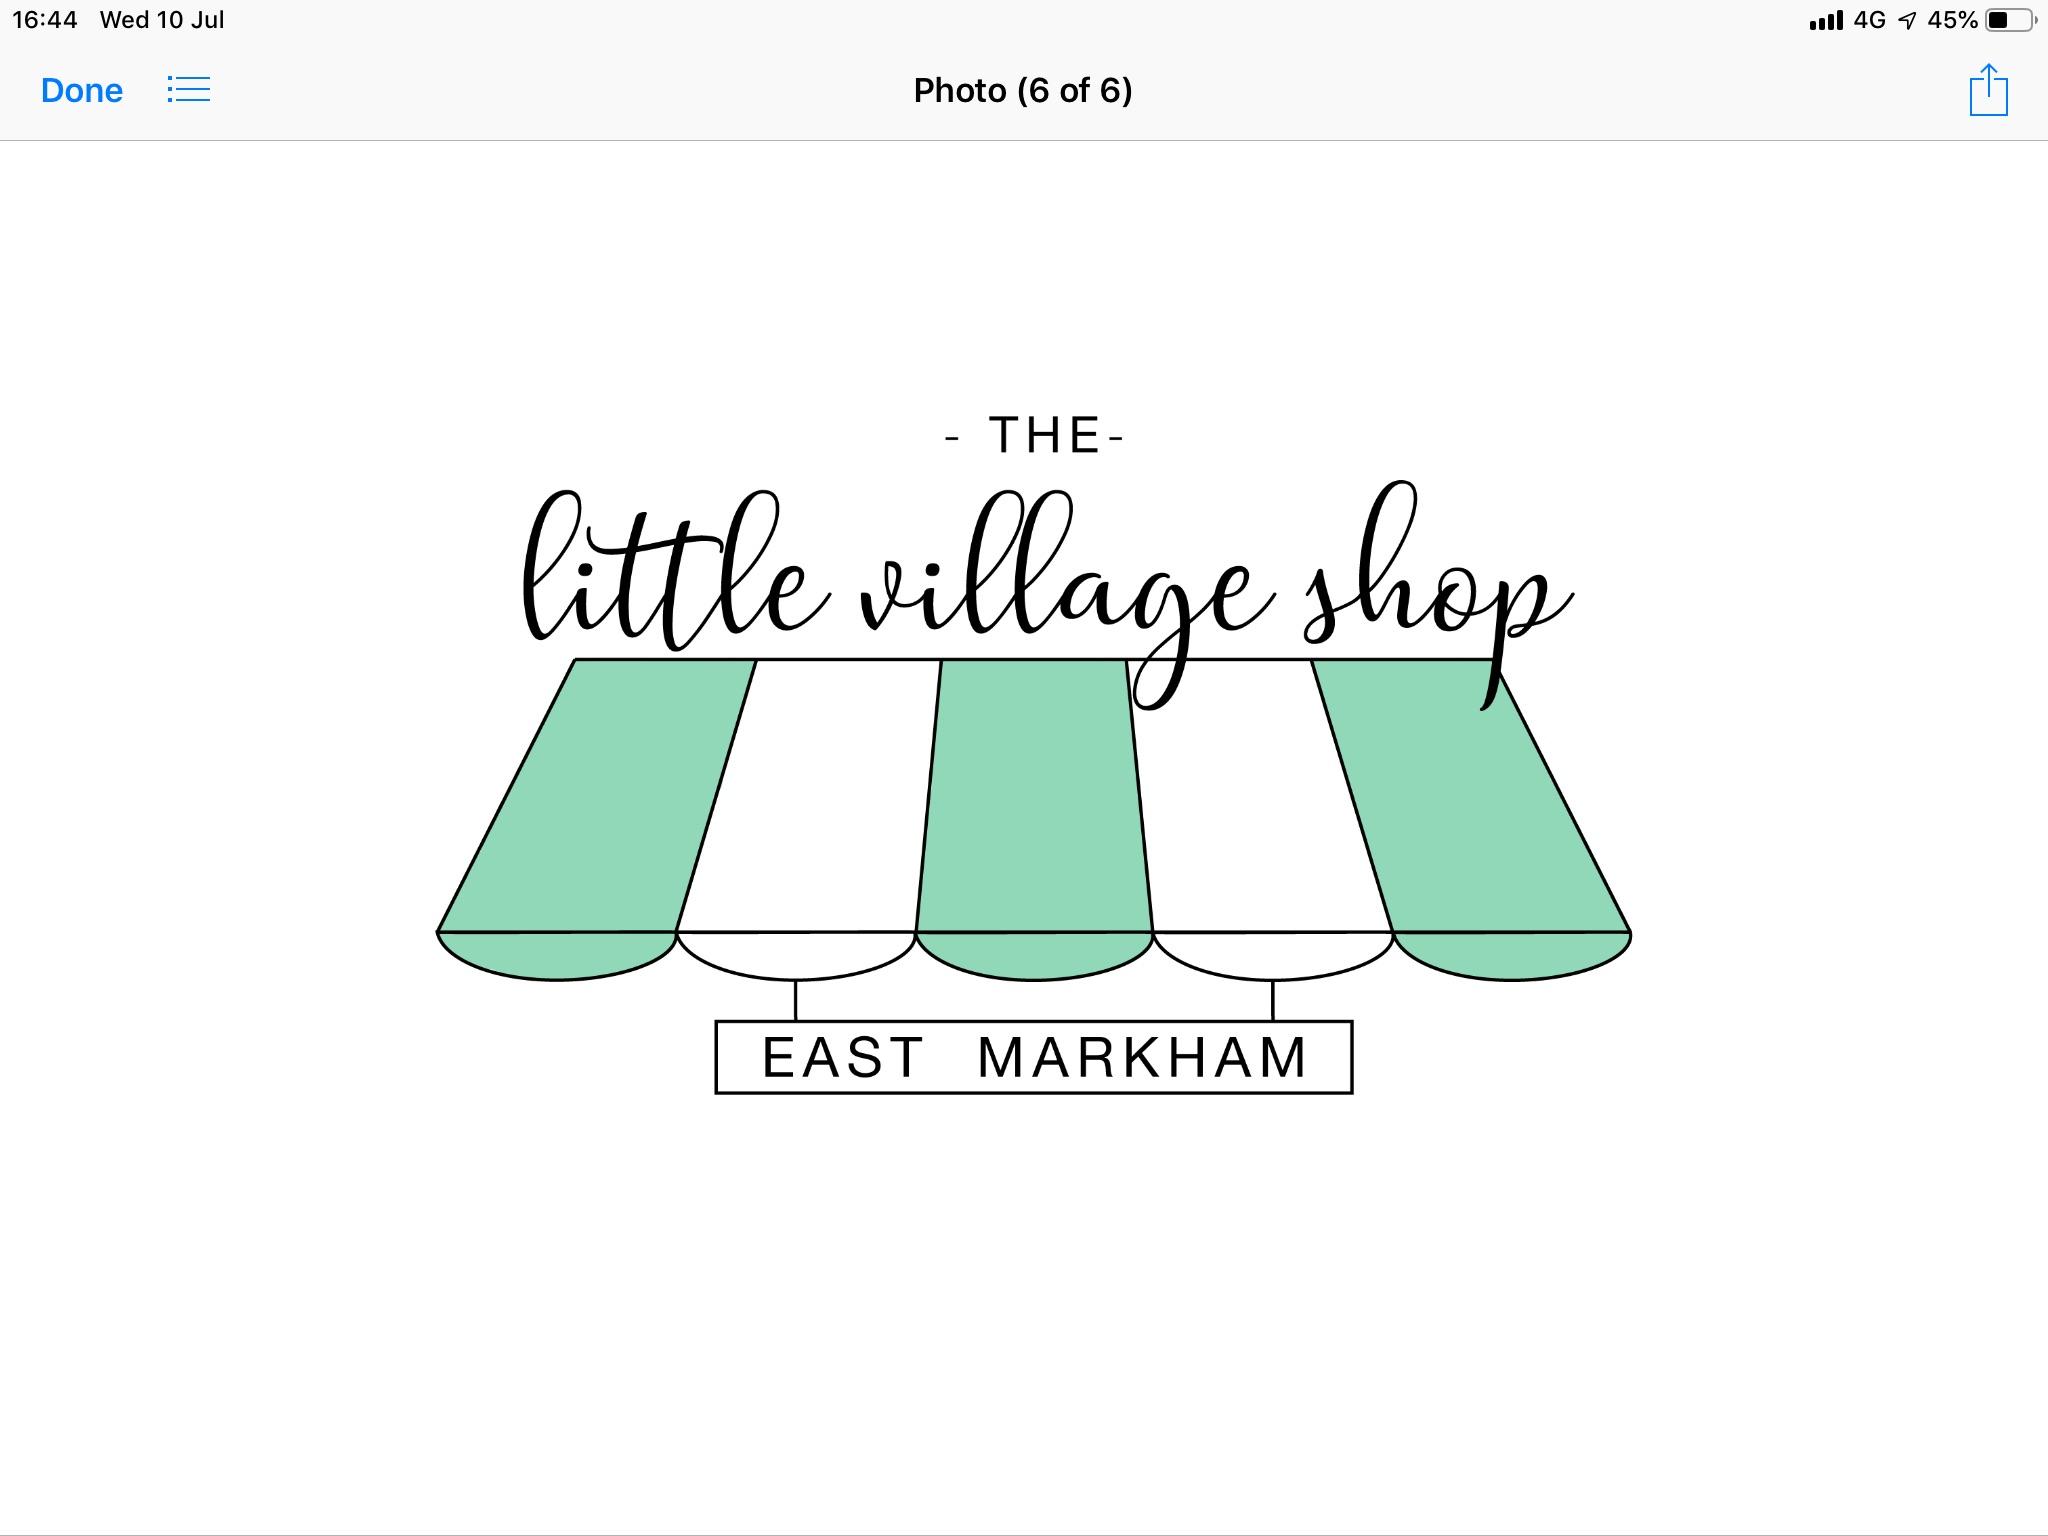 The Little Village Shop - East Markham